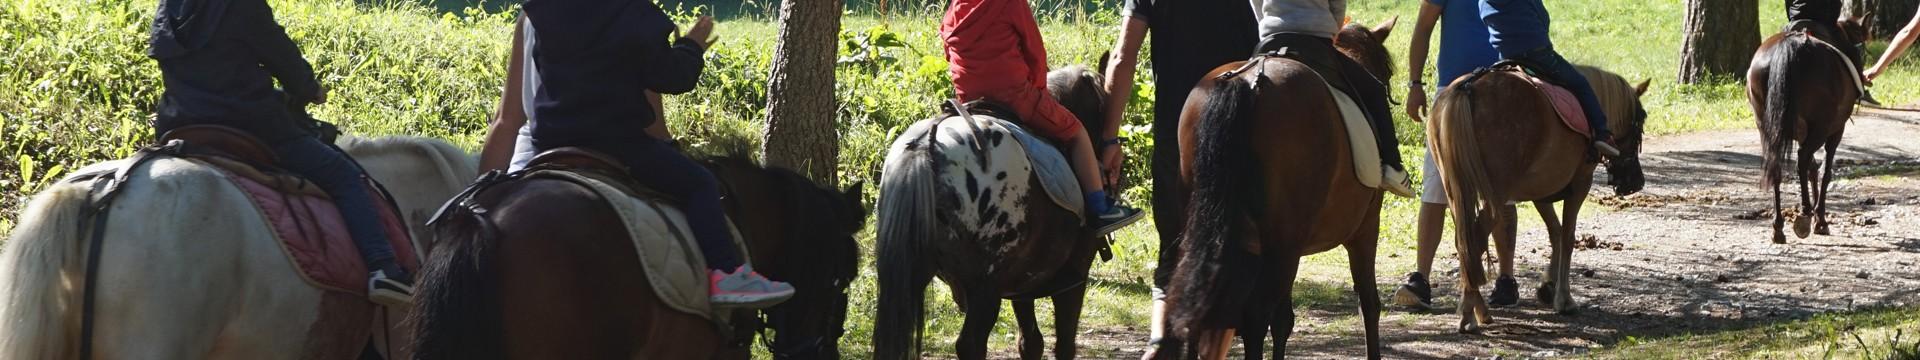 chevaux-ete-9184-9699